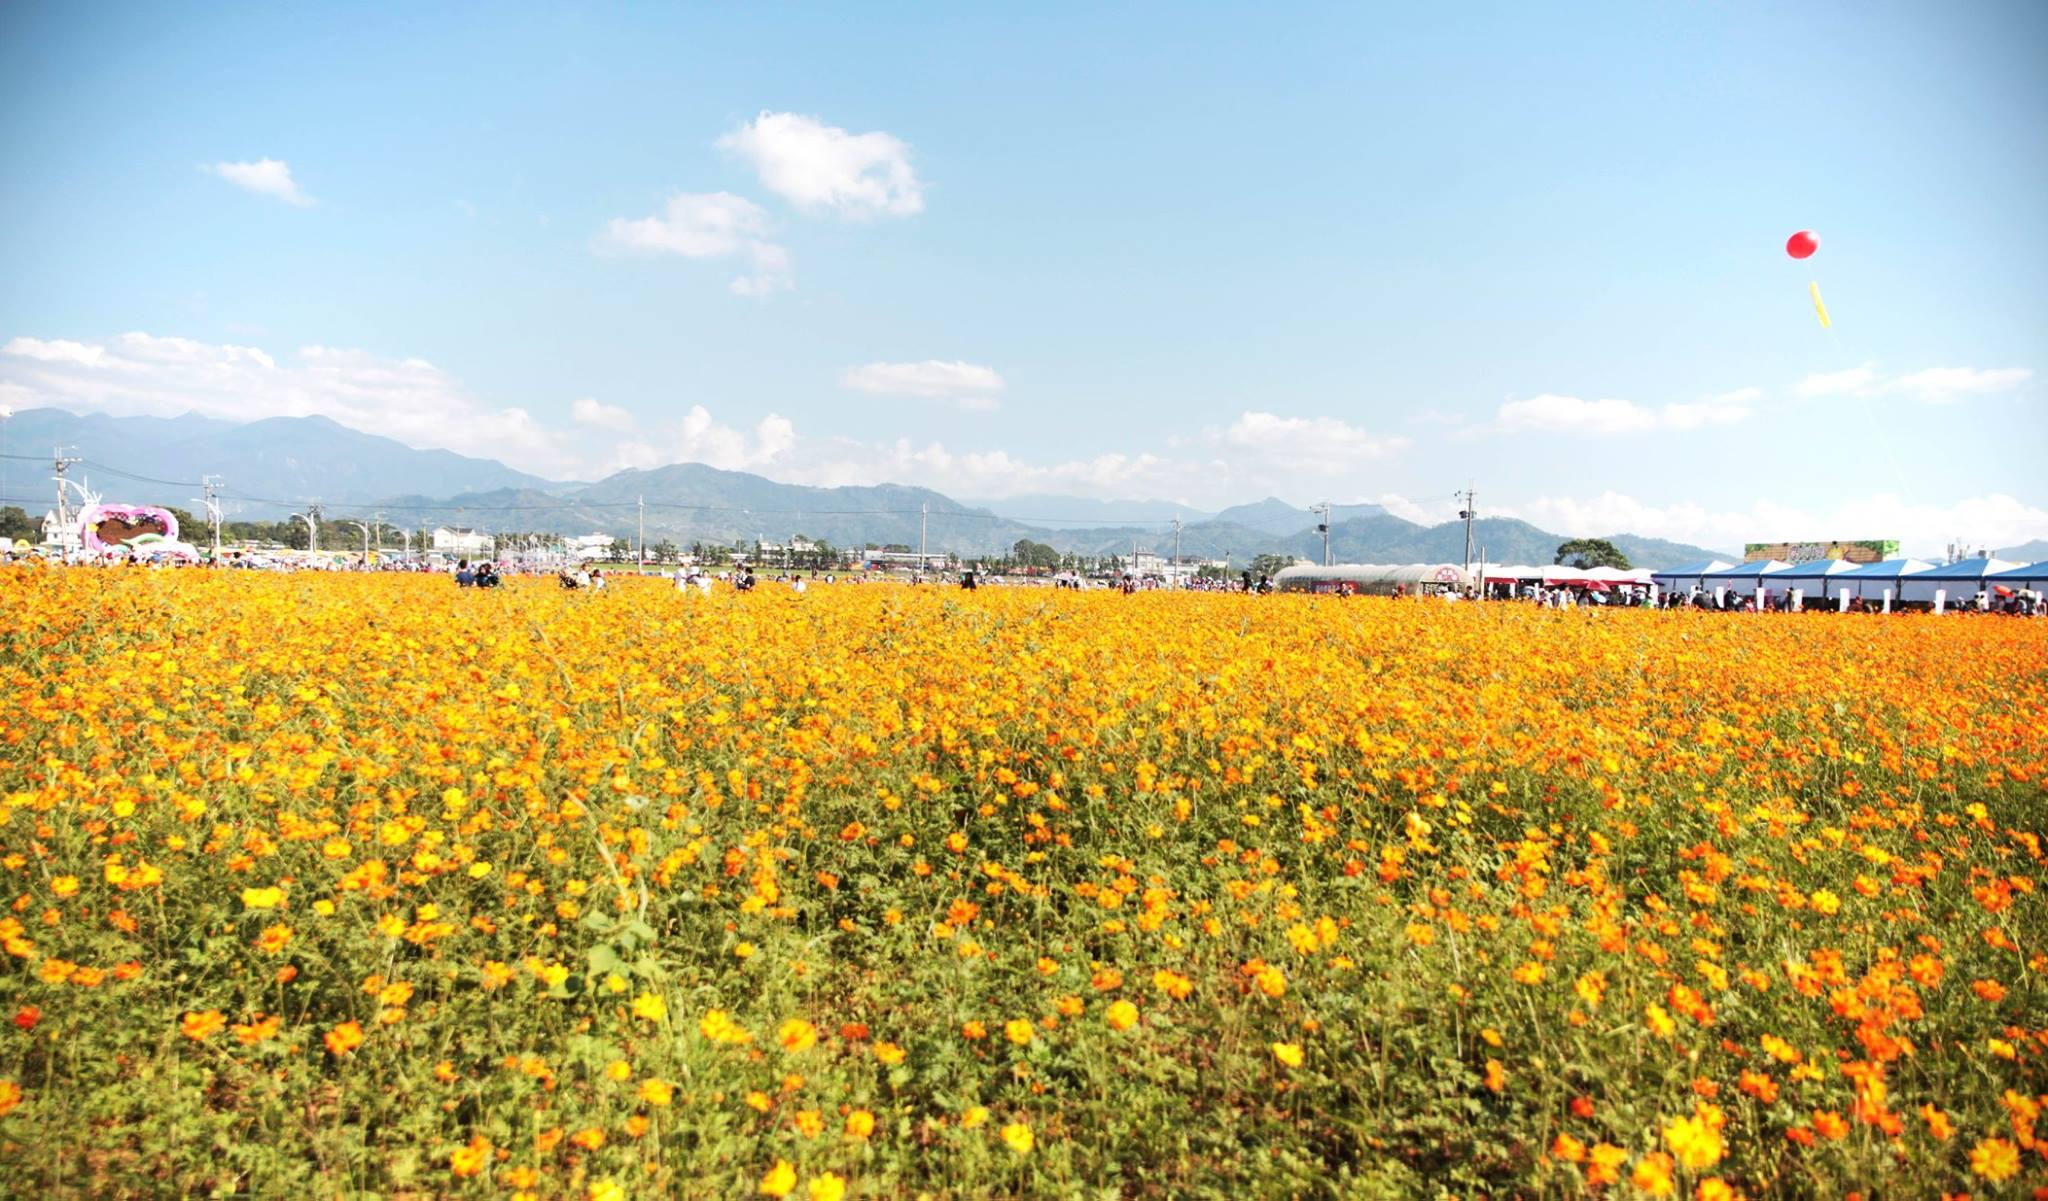 台灣 台中|人擠人也想去 美得猖狂的新社花海及周邊